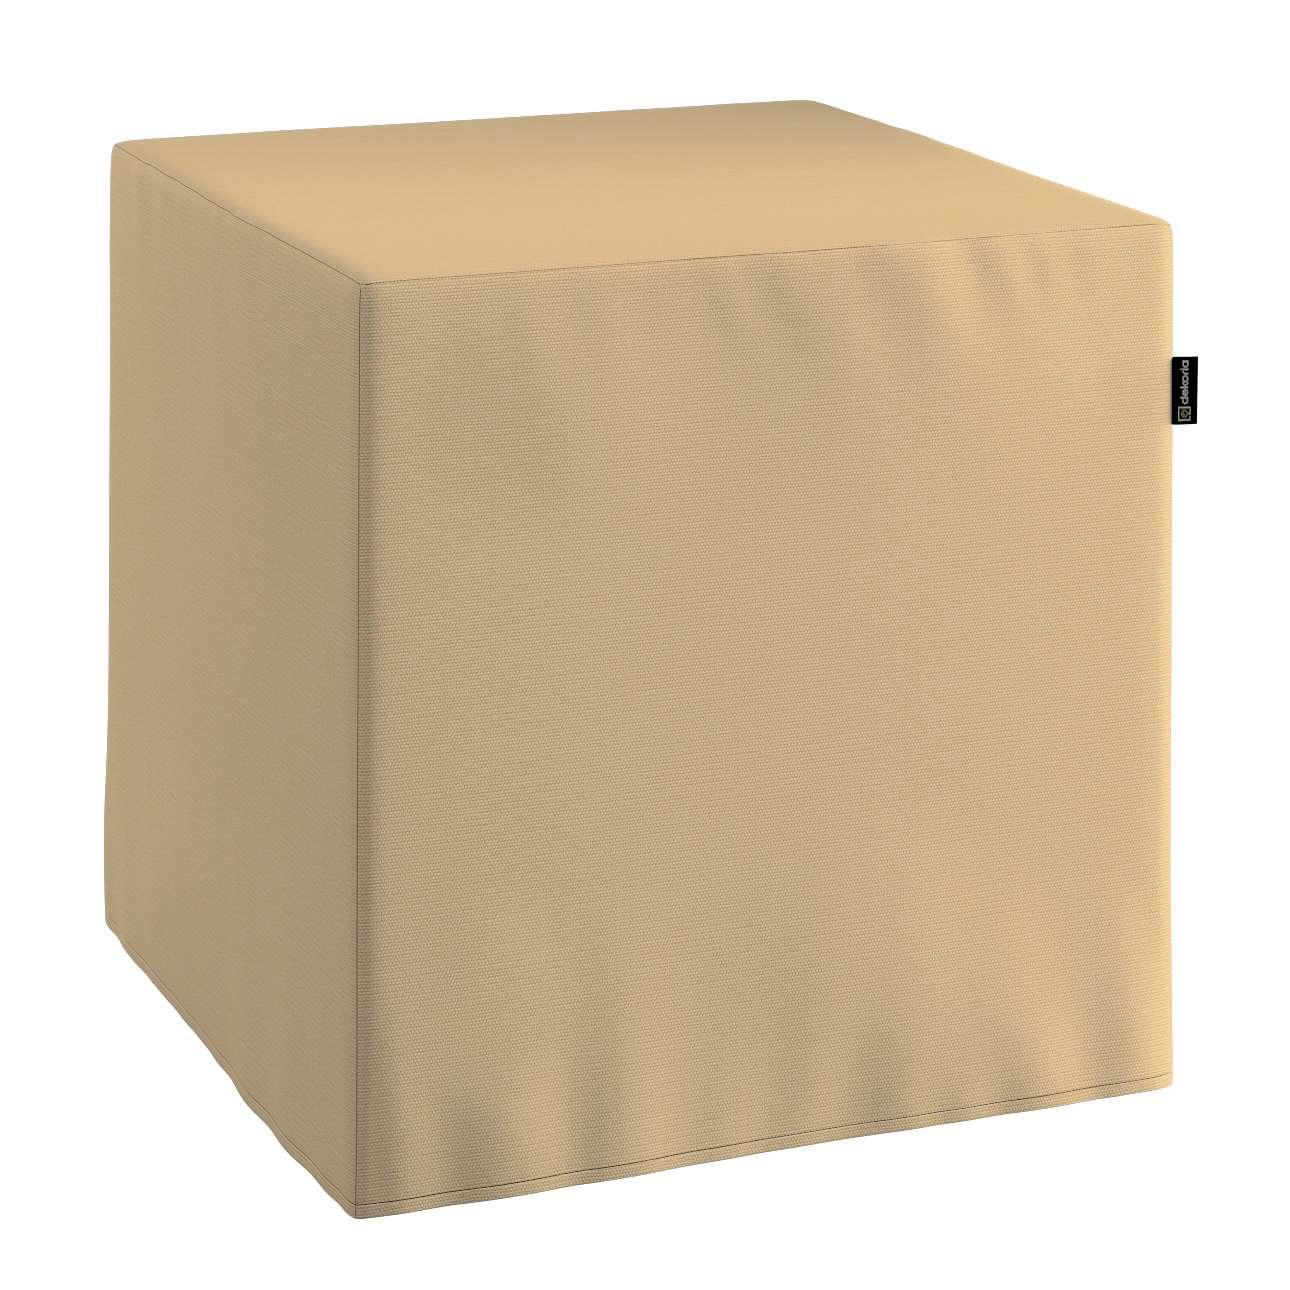 Harter Sitzwürfel 40 x 40 x 40 cm von der Kollektion Cotton Panama, Stoff: 702-01